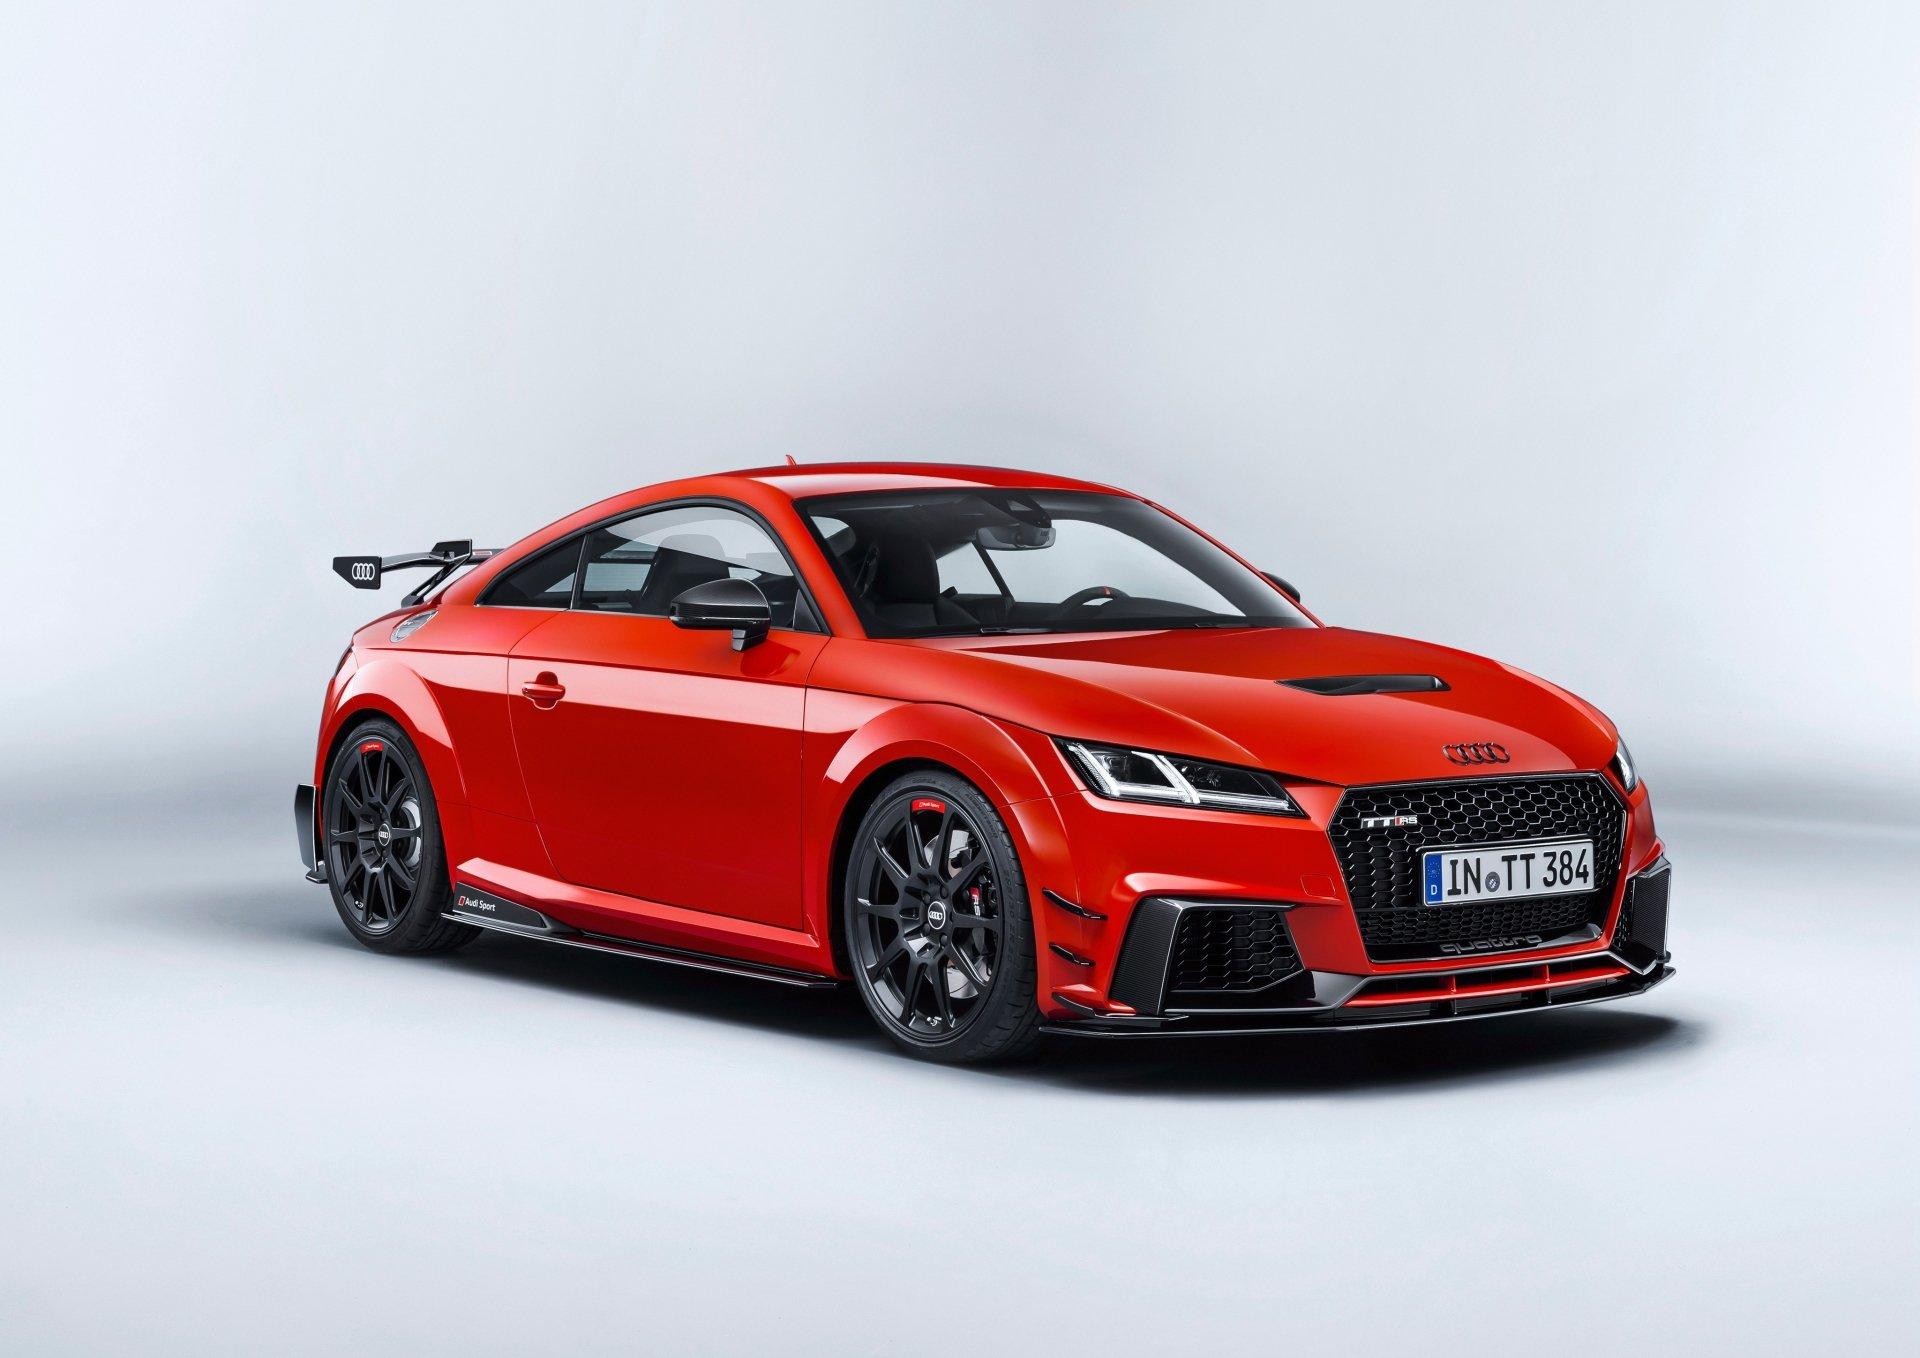 座驾 - 奥迪TT  奧迪 汽车 交通工具 Red Car Sport Car 壁纸